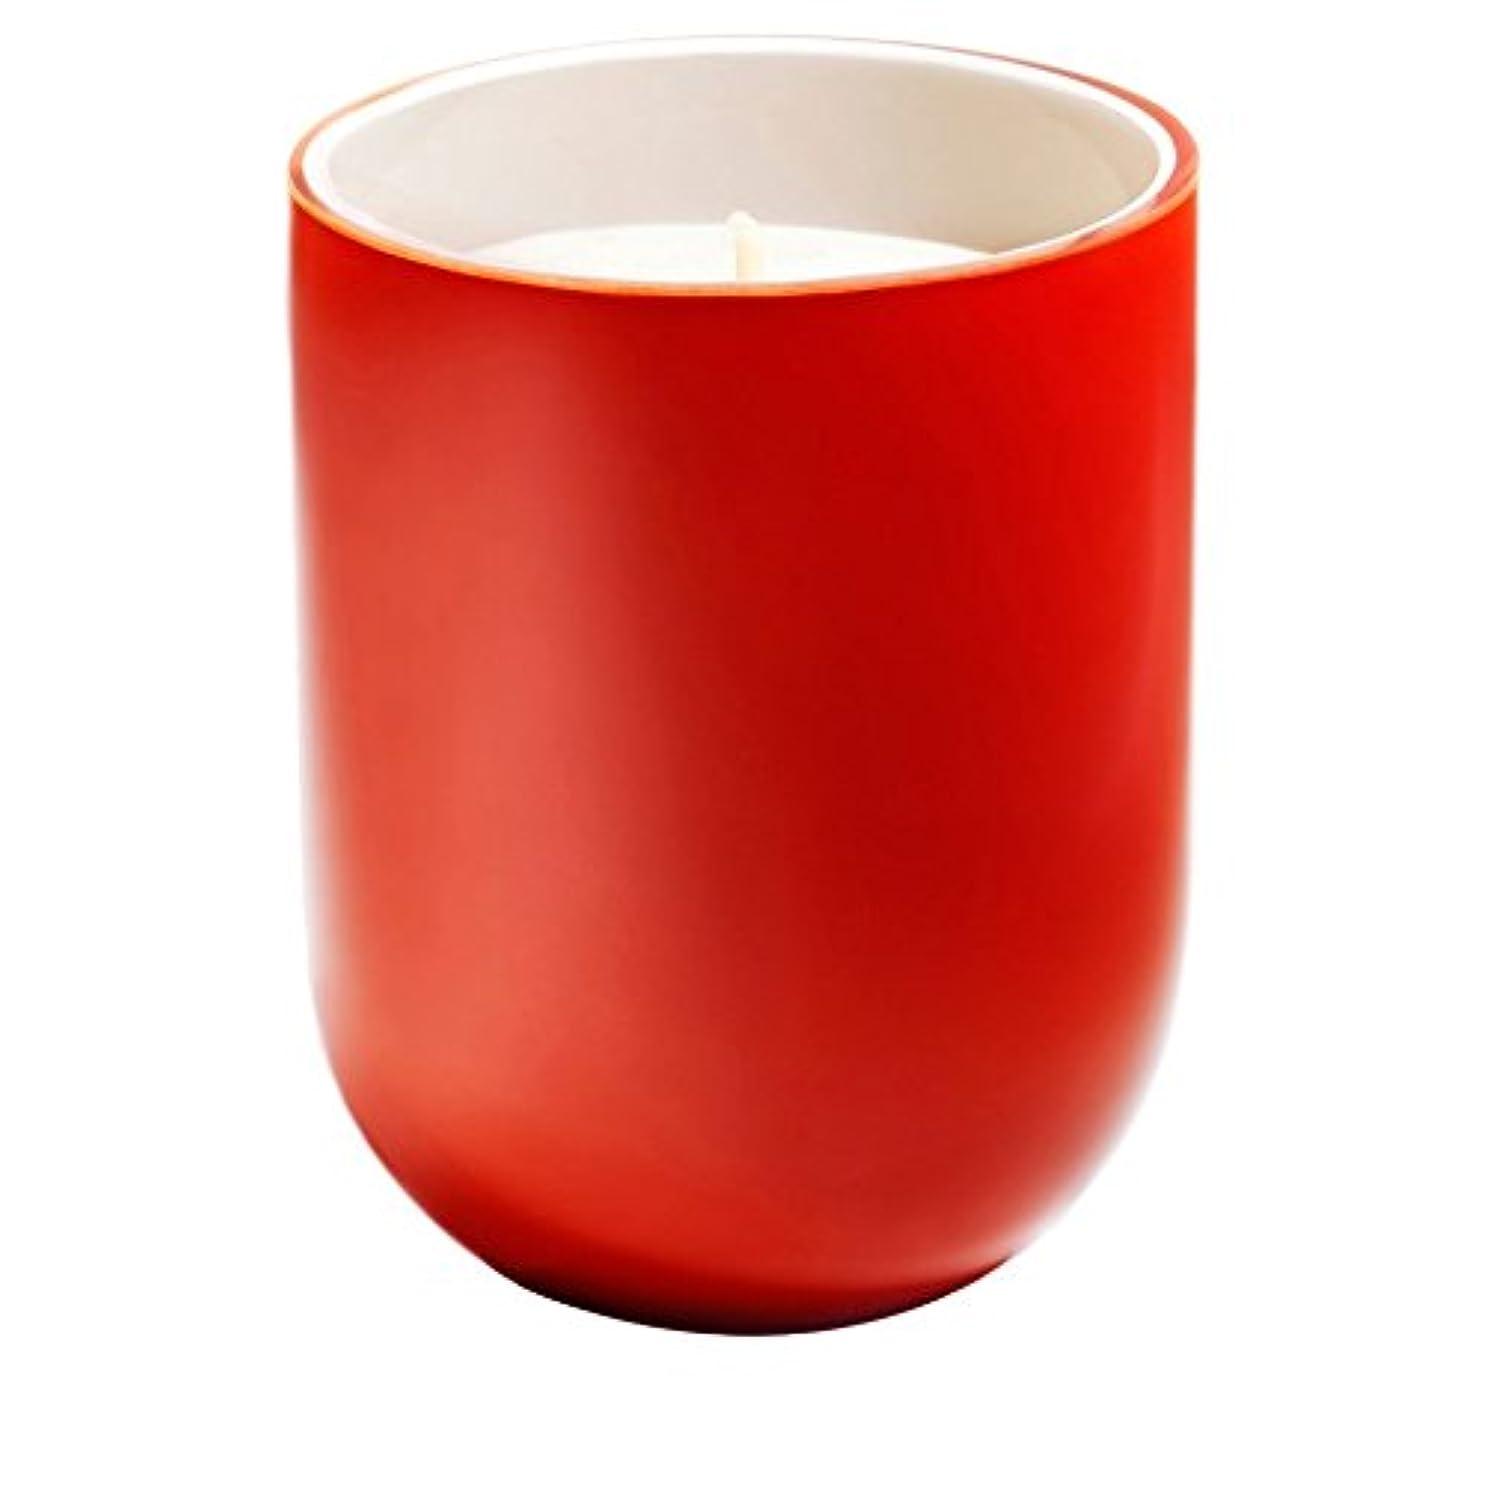 適用済み通行人実用的フレデリック?マルロシアの夜香りのキャンドル x6 - Frederic Malle Russian Night Scented Candle (Pack of 6) [並行輸入品]